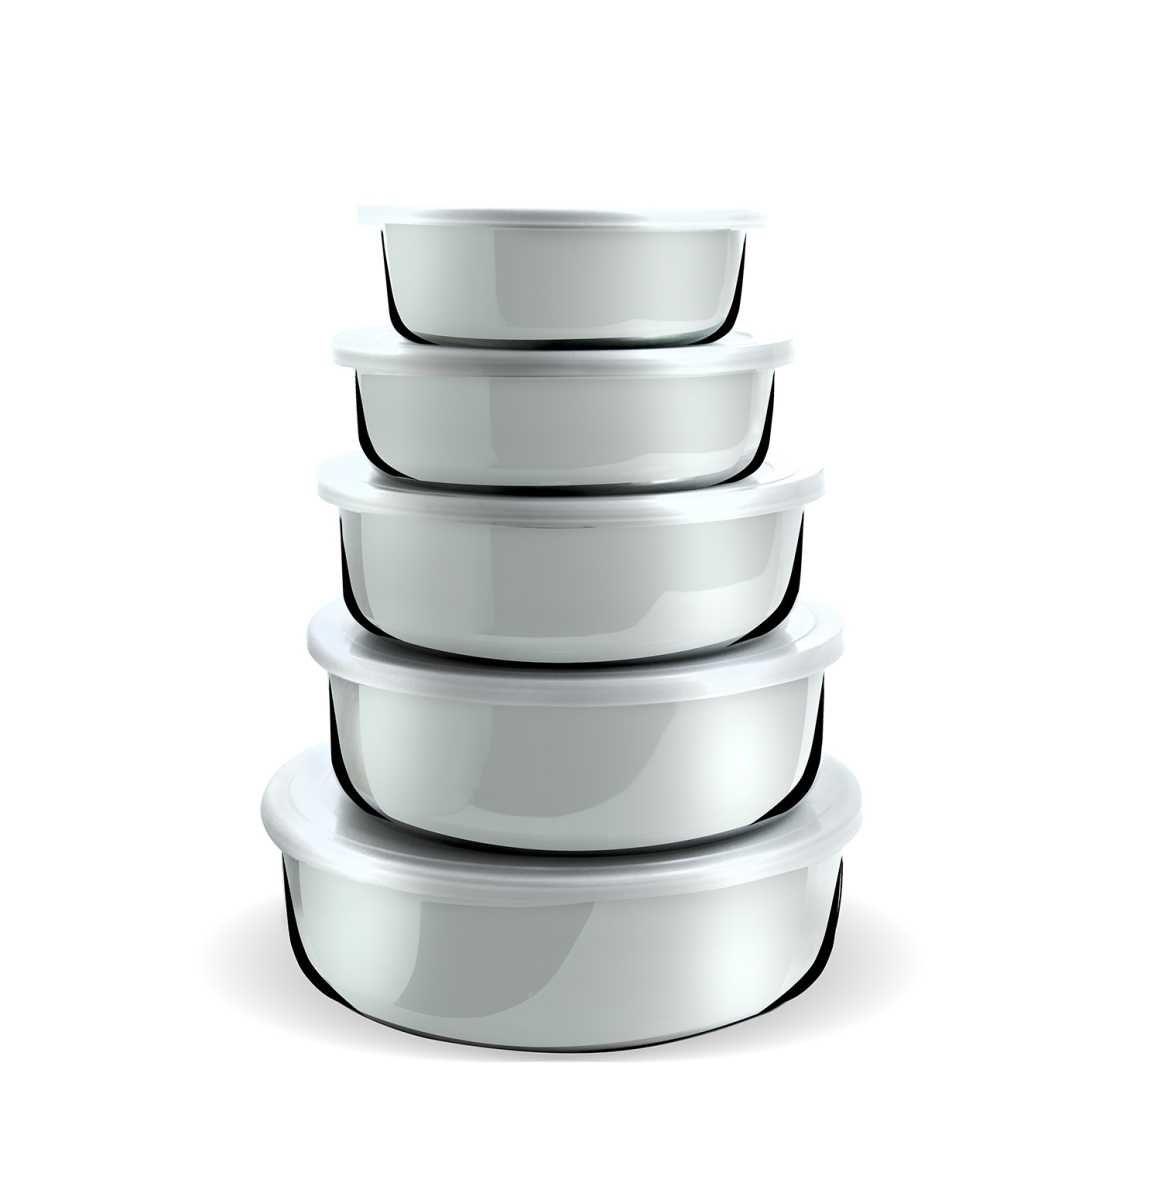 Conjunto de Potes 5 Peças Aço Inox Com Tampa Plástica 12,14,16, 18 e 20 cm Gourmet Mix GX0267